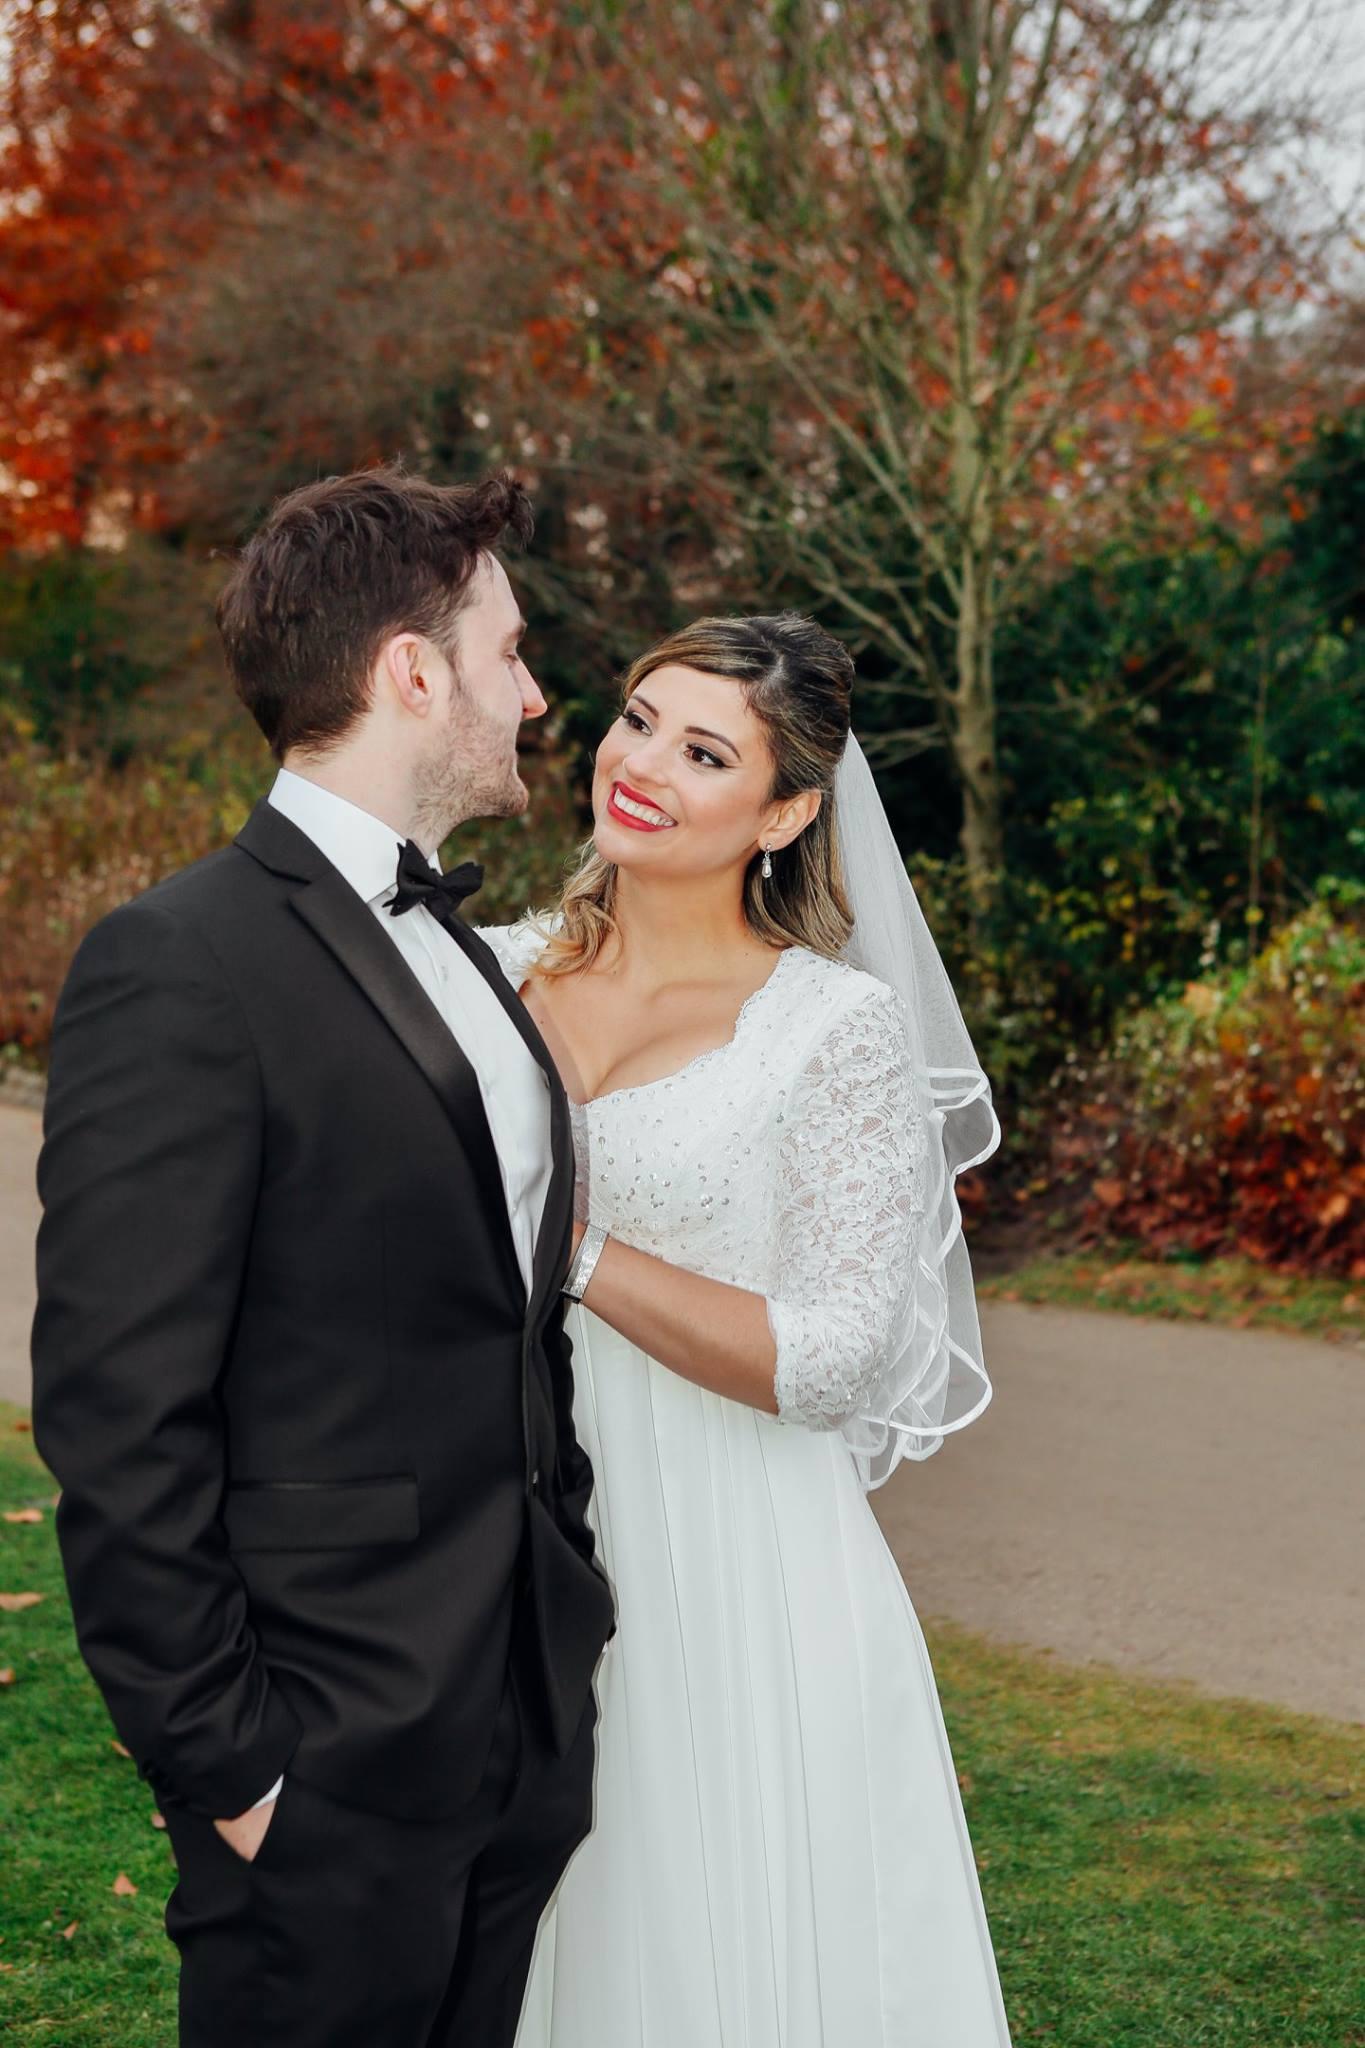 copenhagen-wedding-photograoher20